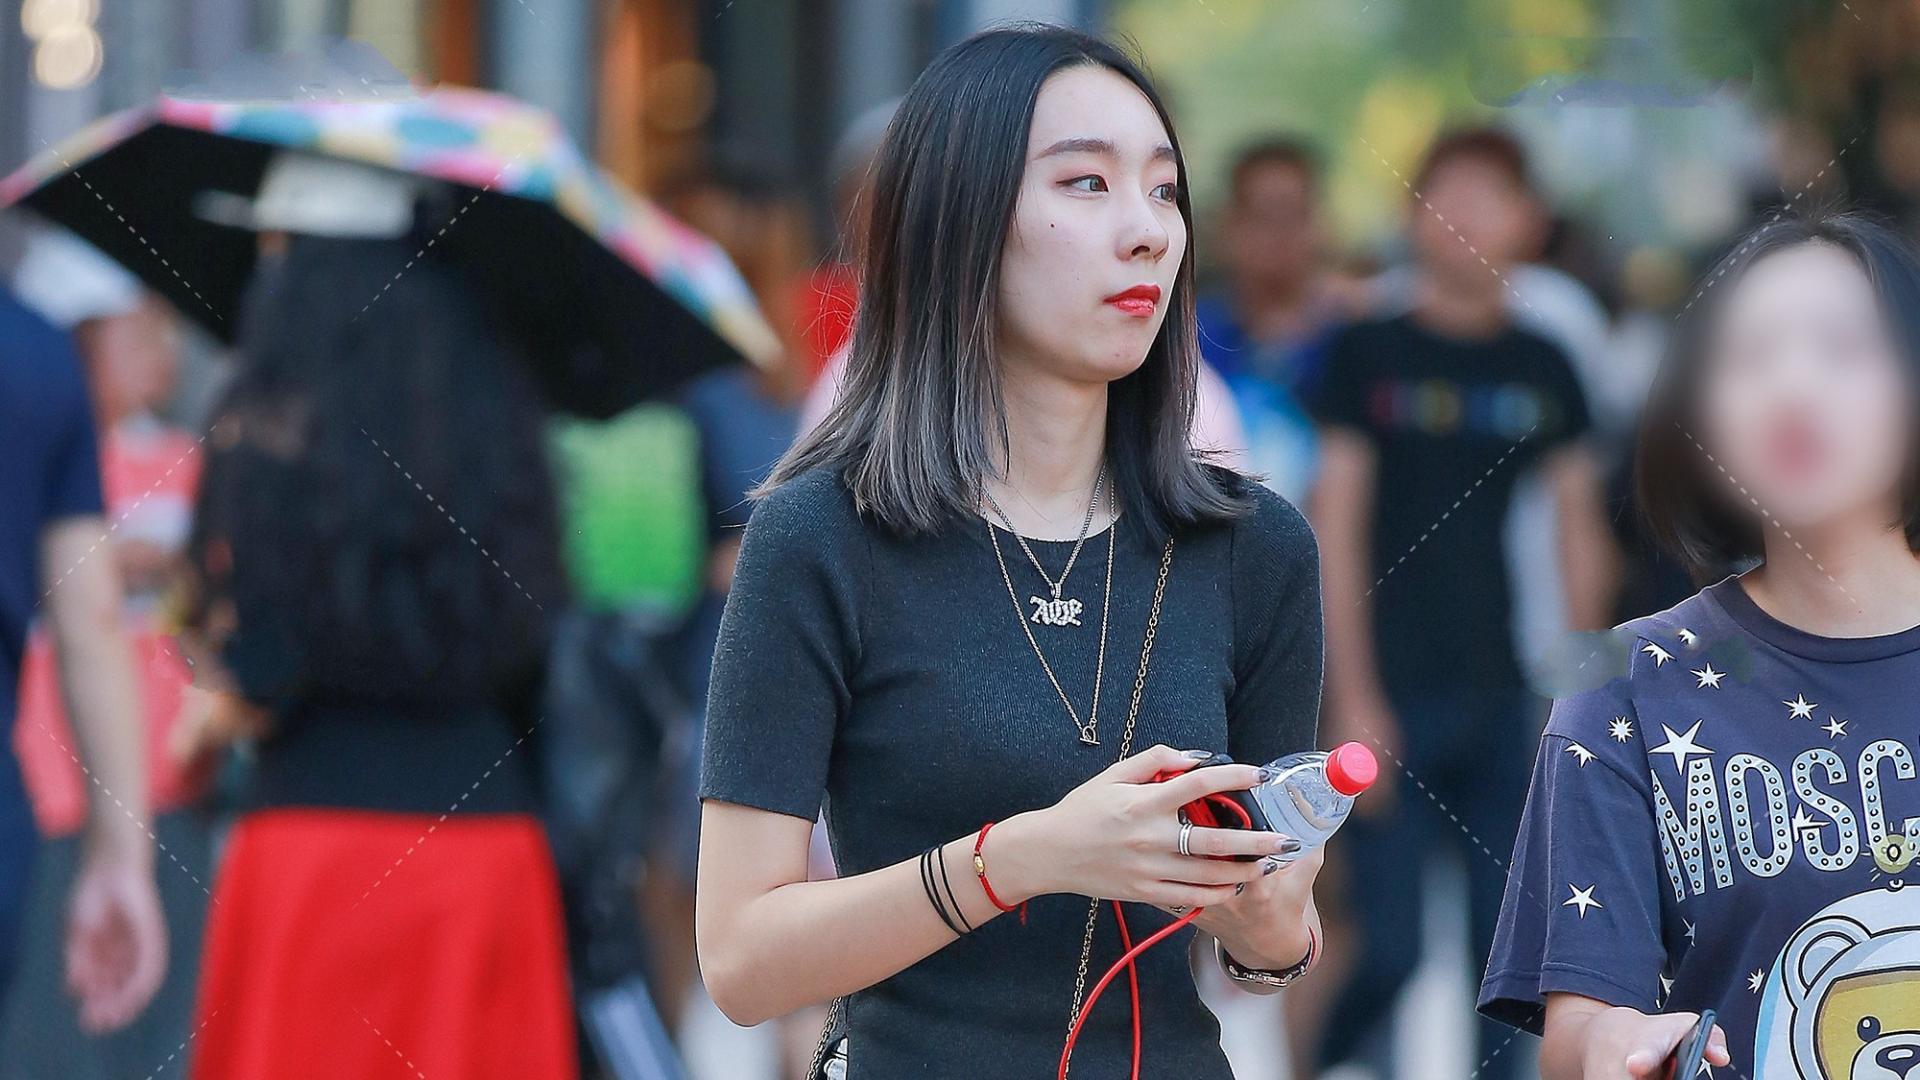 黑色短袖简单大方,还是百搭单品,搭配出青春活泼